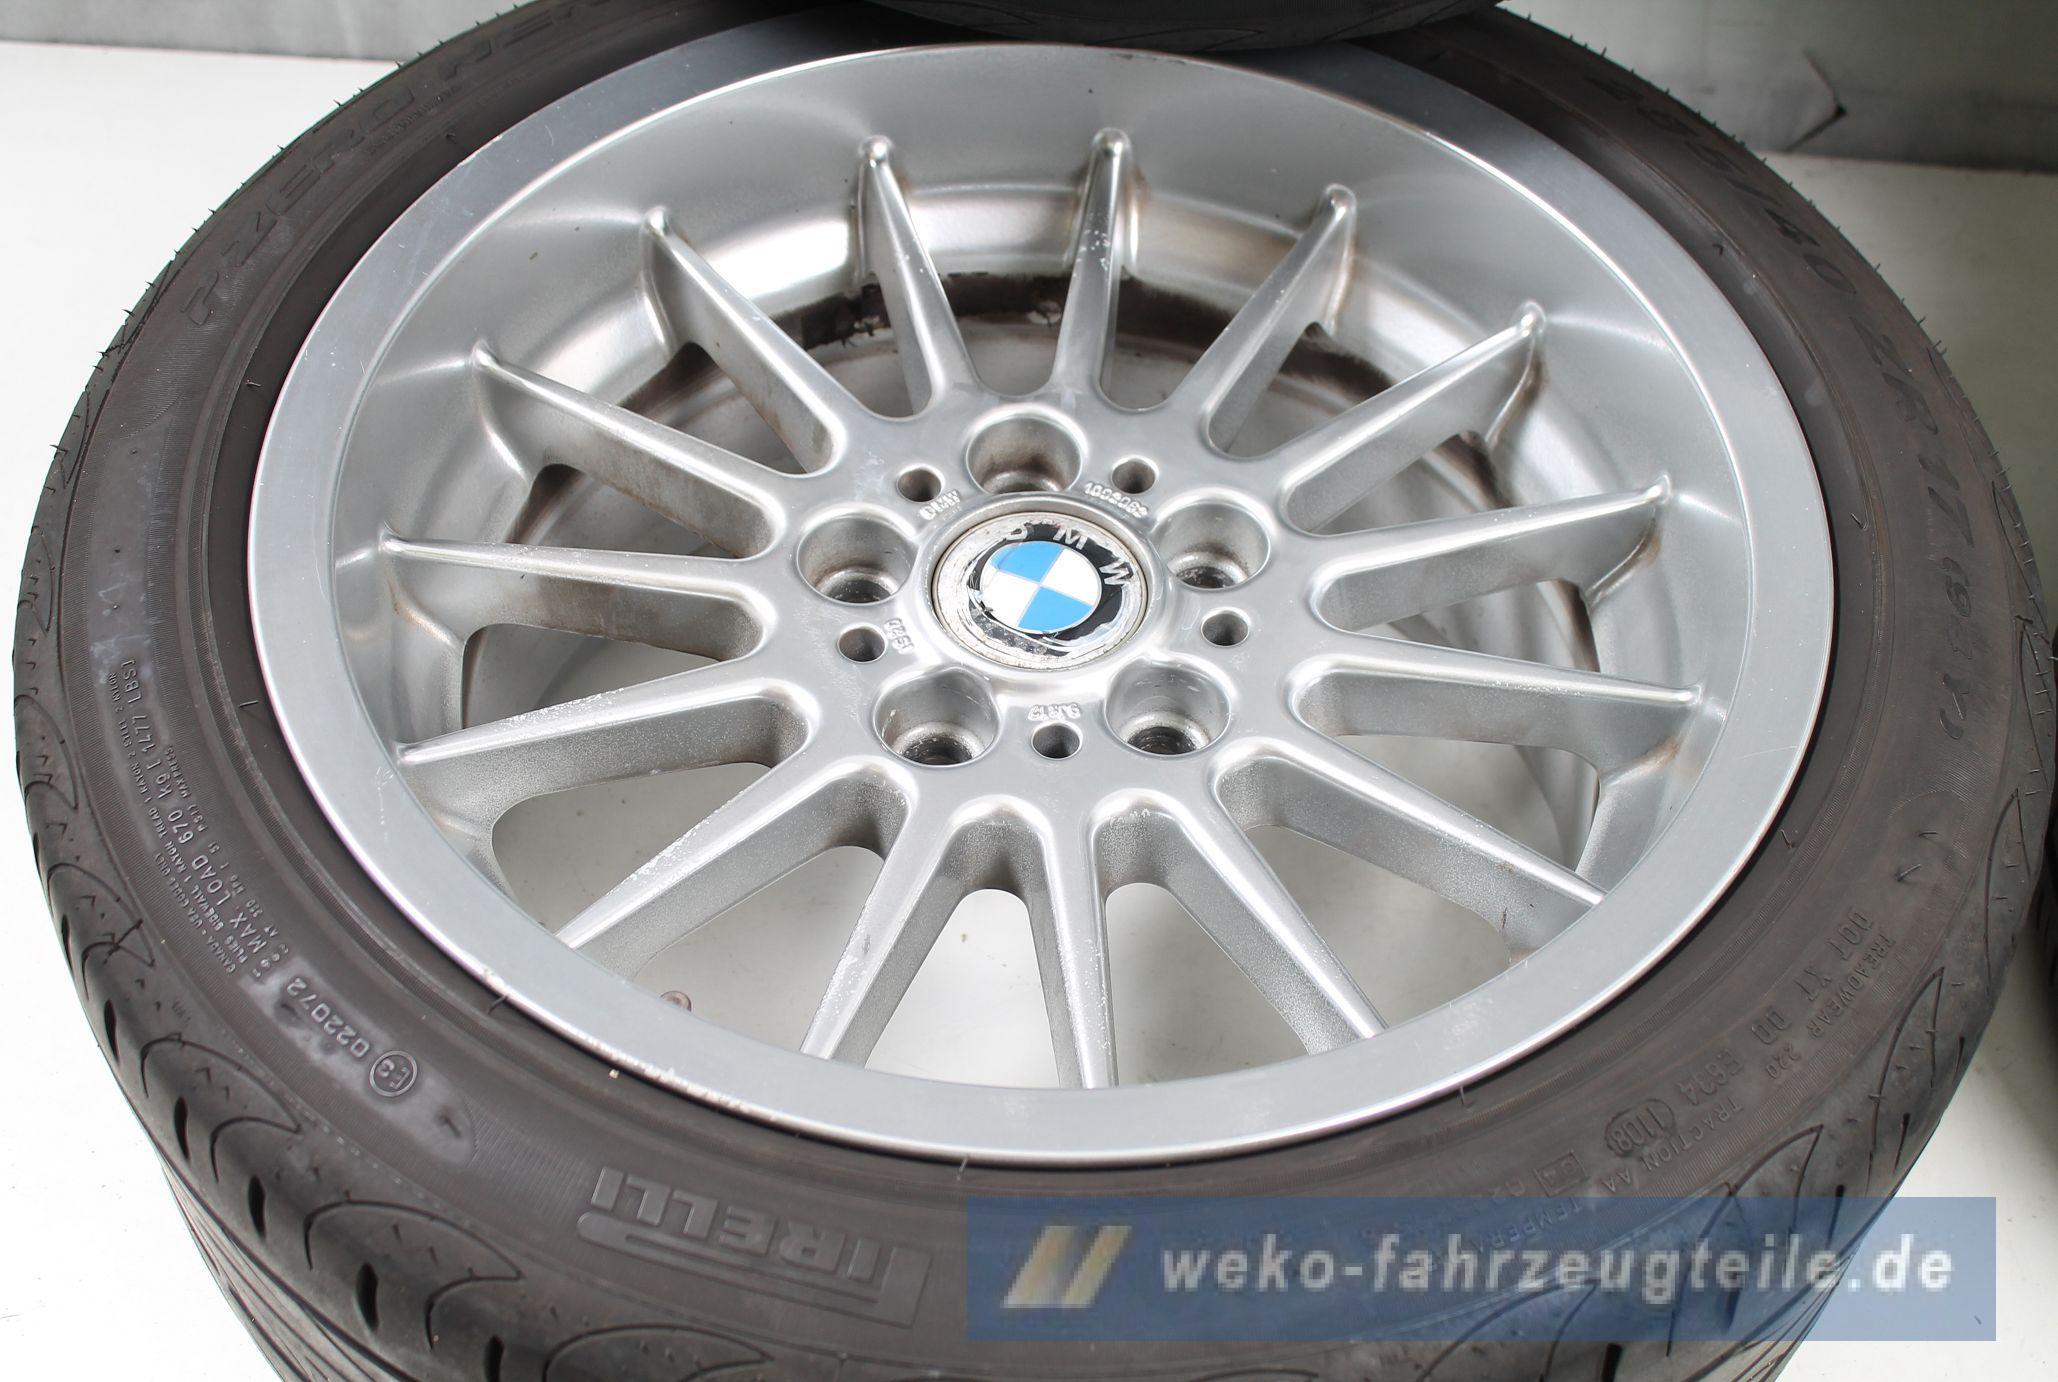 Bmw 5er e39 alufelgen styling 32 radialspeiche 8x17 et for Weko offnungszeiten